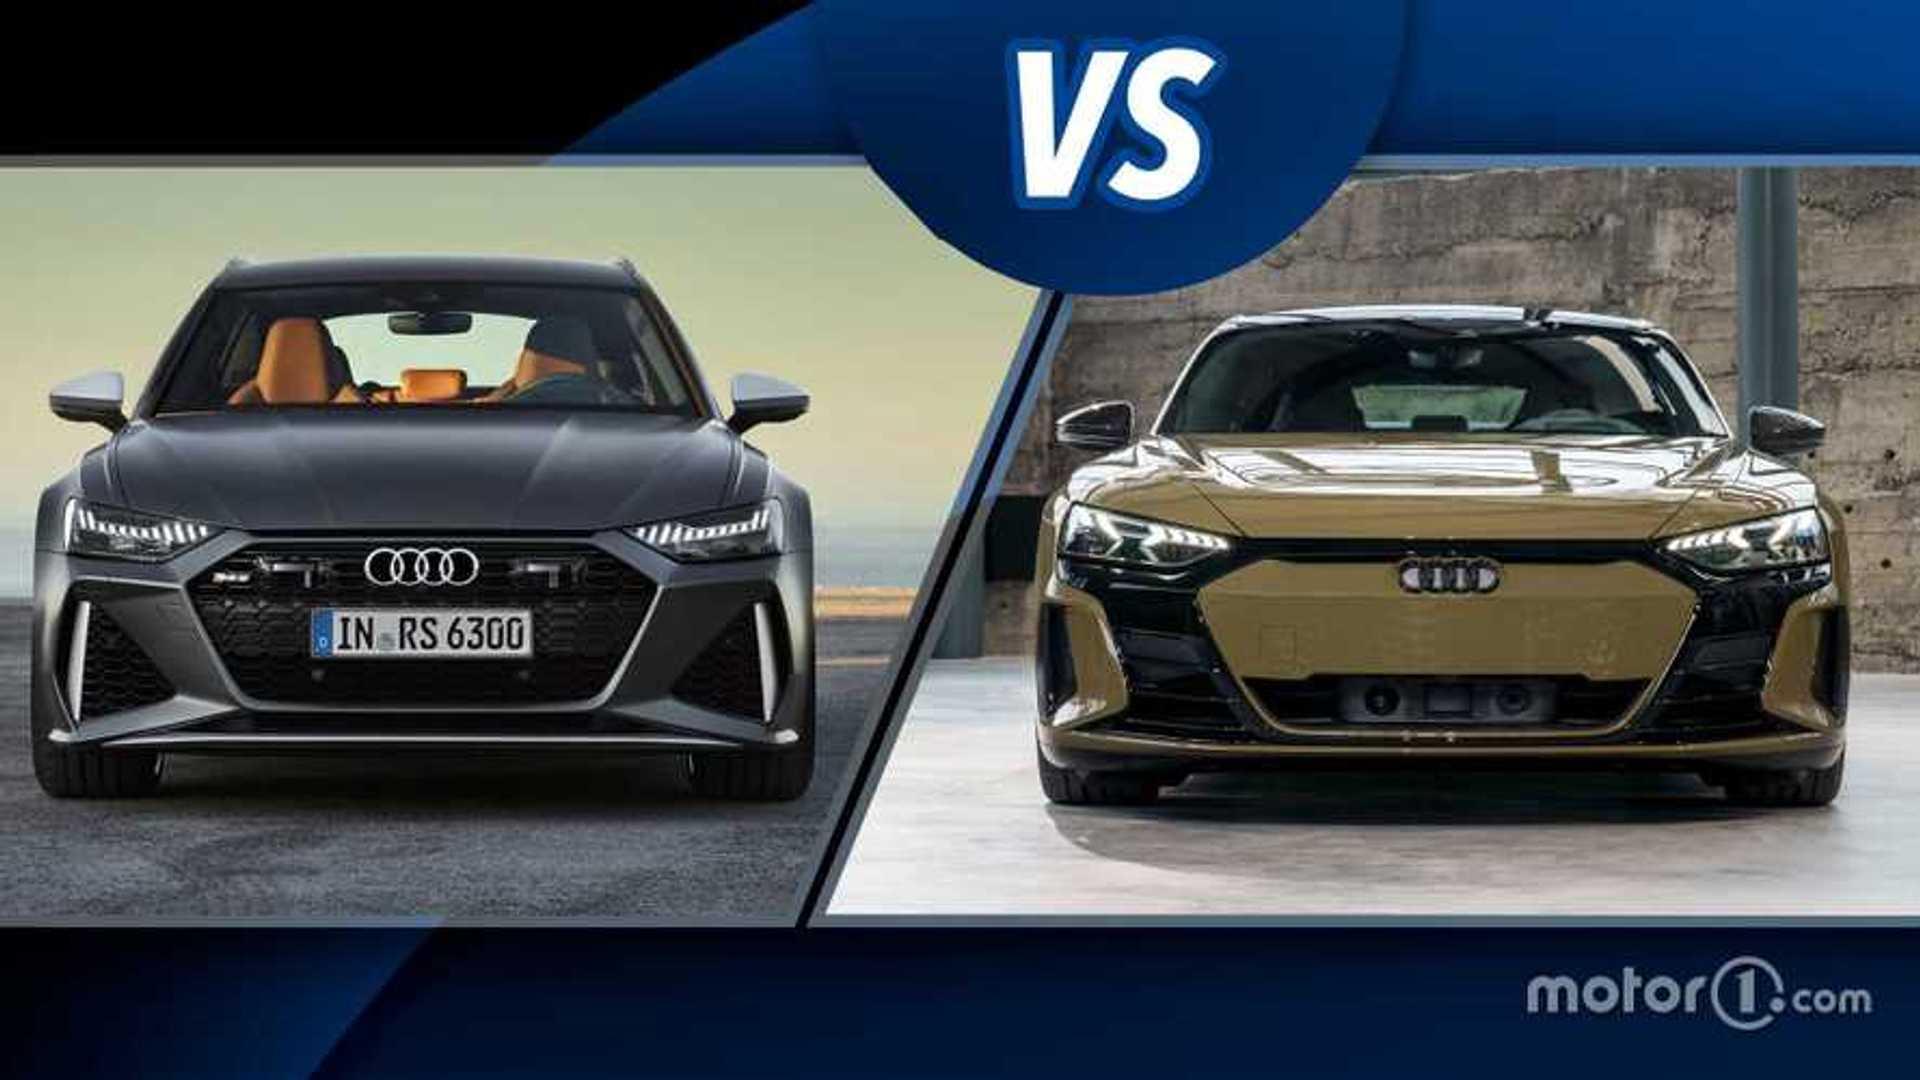 Mieux vaut-il acheter une Audi RS 6 Avant ou une RS e-tron GT? - Motor1 France